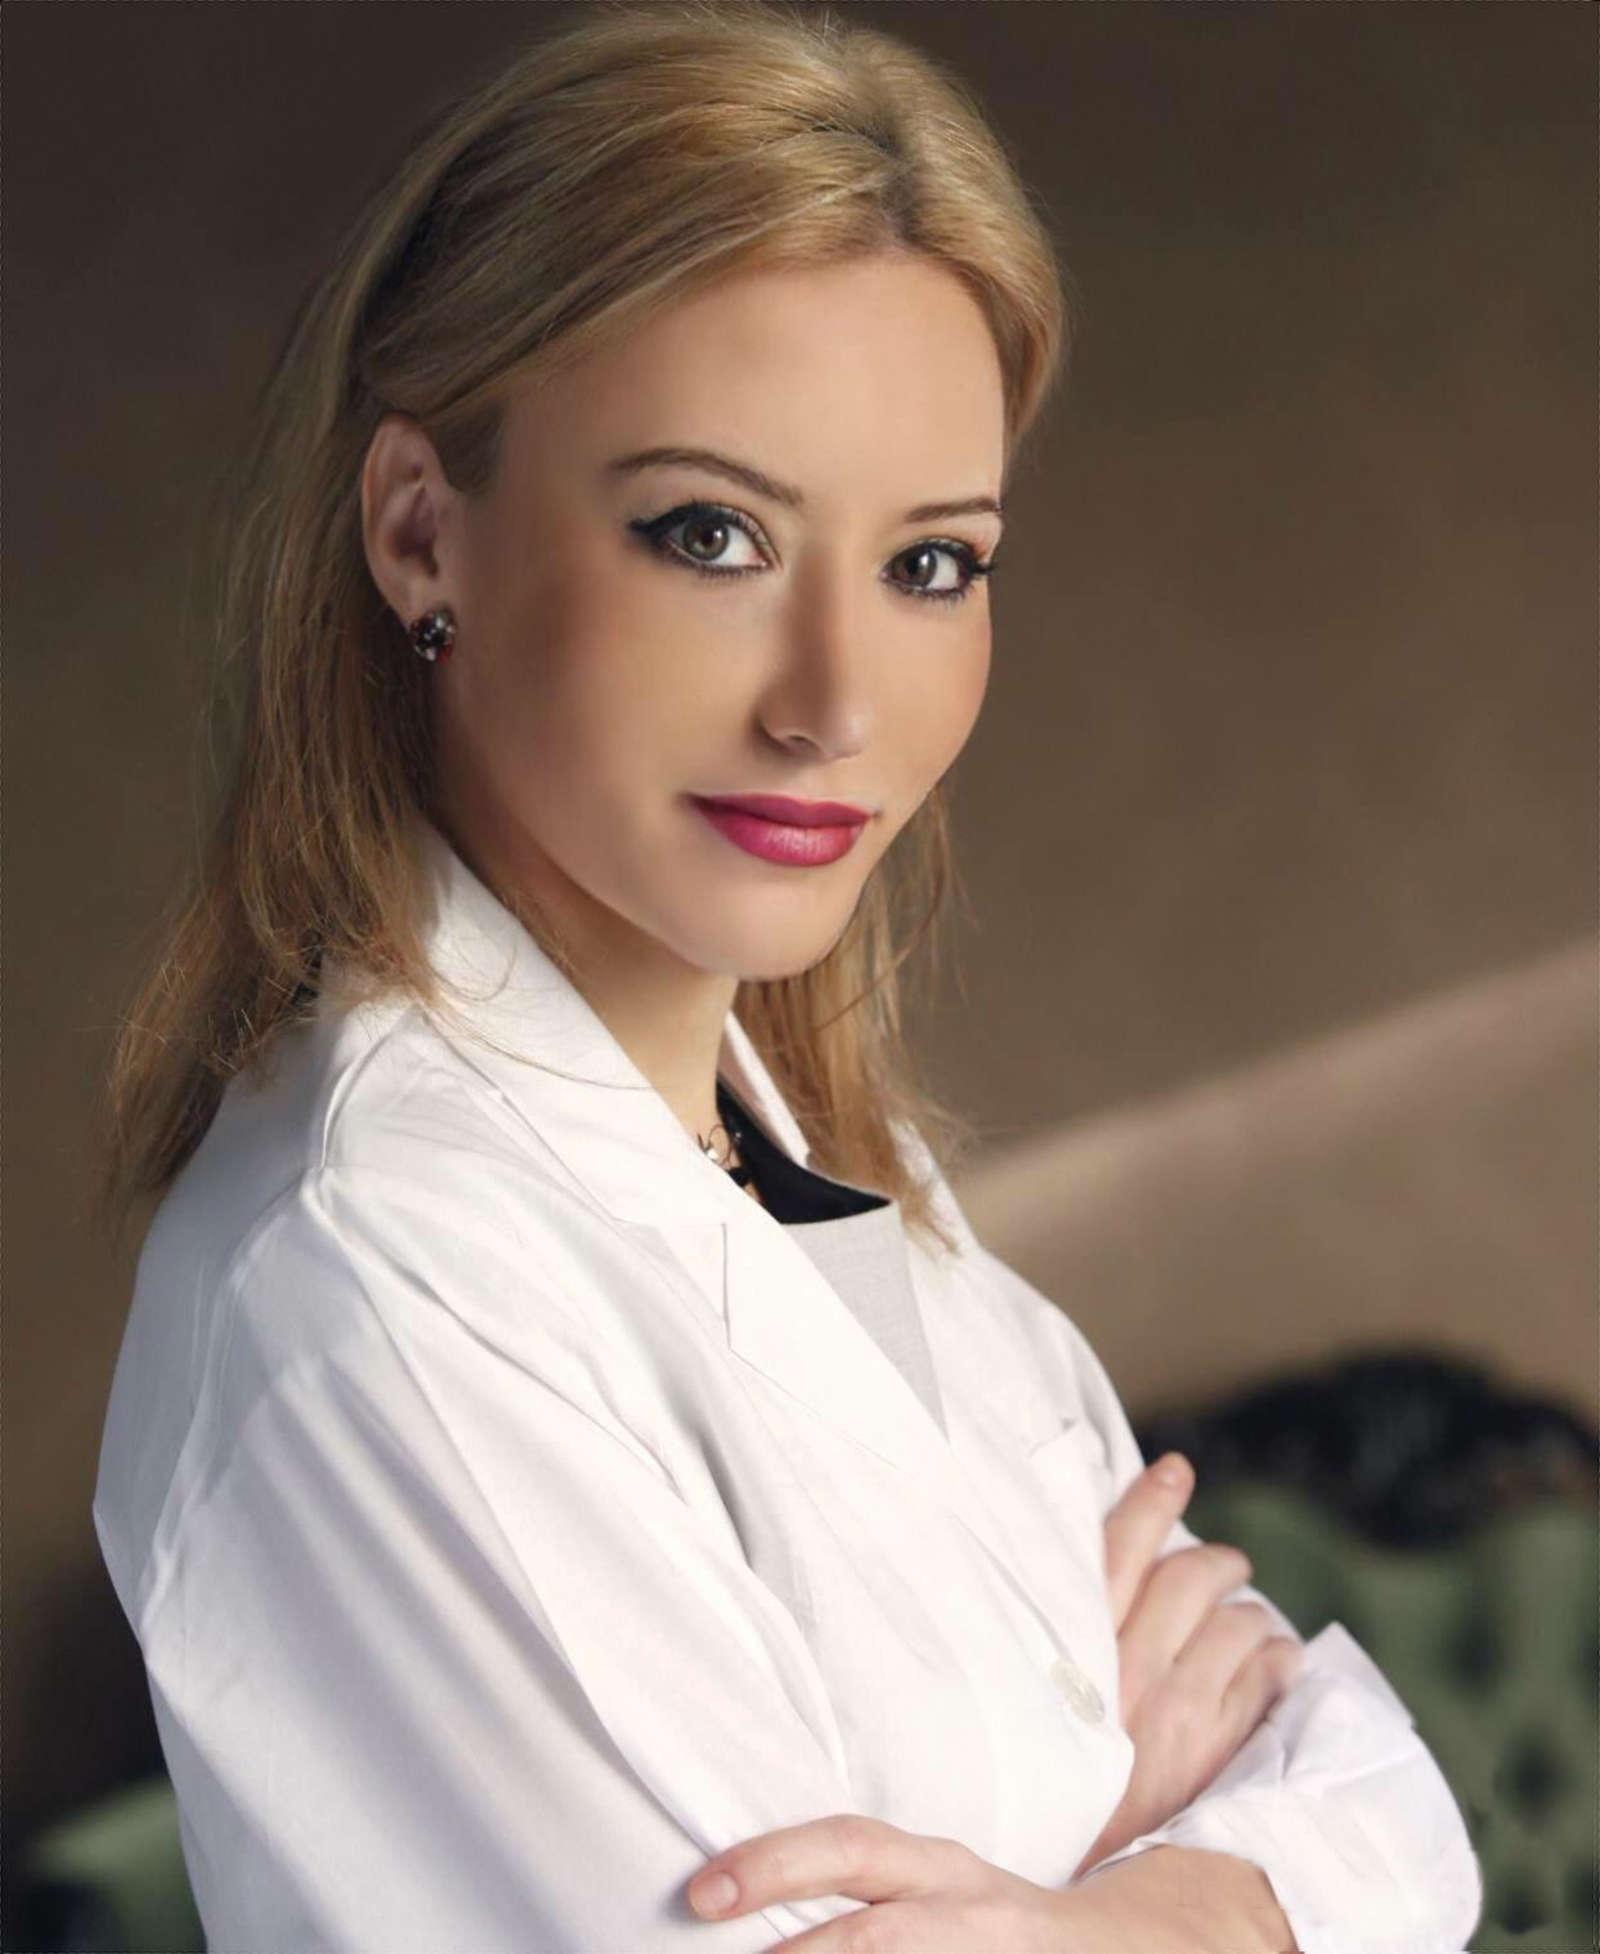 Νεότερα στην αυξητική  στήθους - της Dr Χριστοφορίδου Χριστίνα - Πλαστικός Χειρουργός